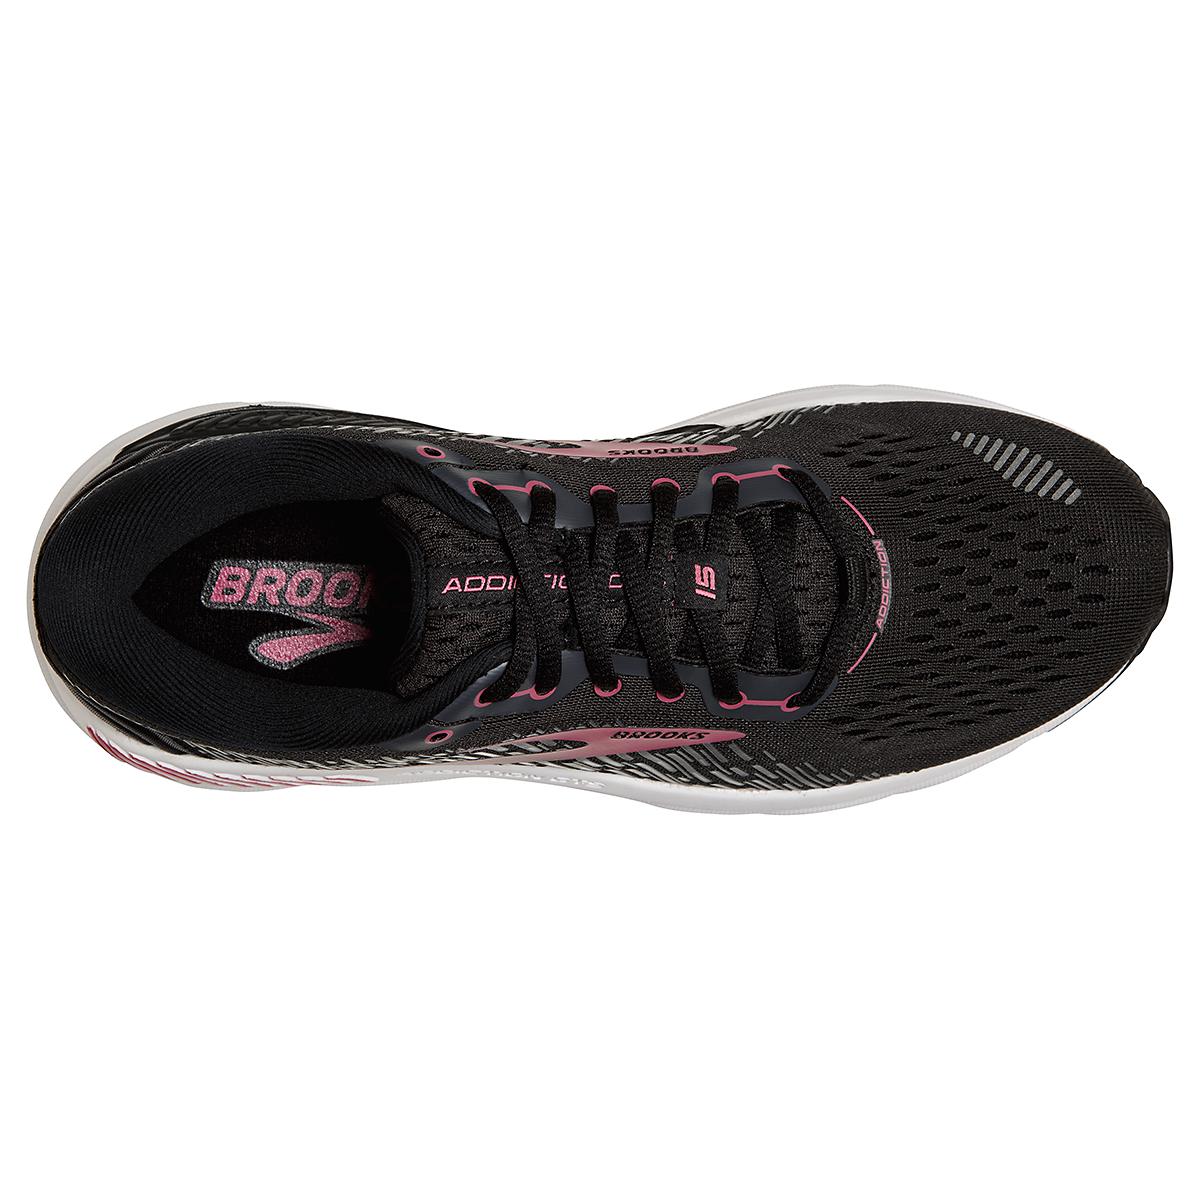 Women's Brooks Addiction GTS 15 Running Shoe - Color: Black/Ebony/Mauvewood - Size: 5 - Width: Regular, Black/Ebony/Mauvewood, large, image 3